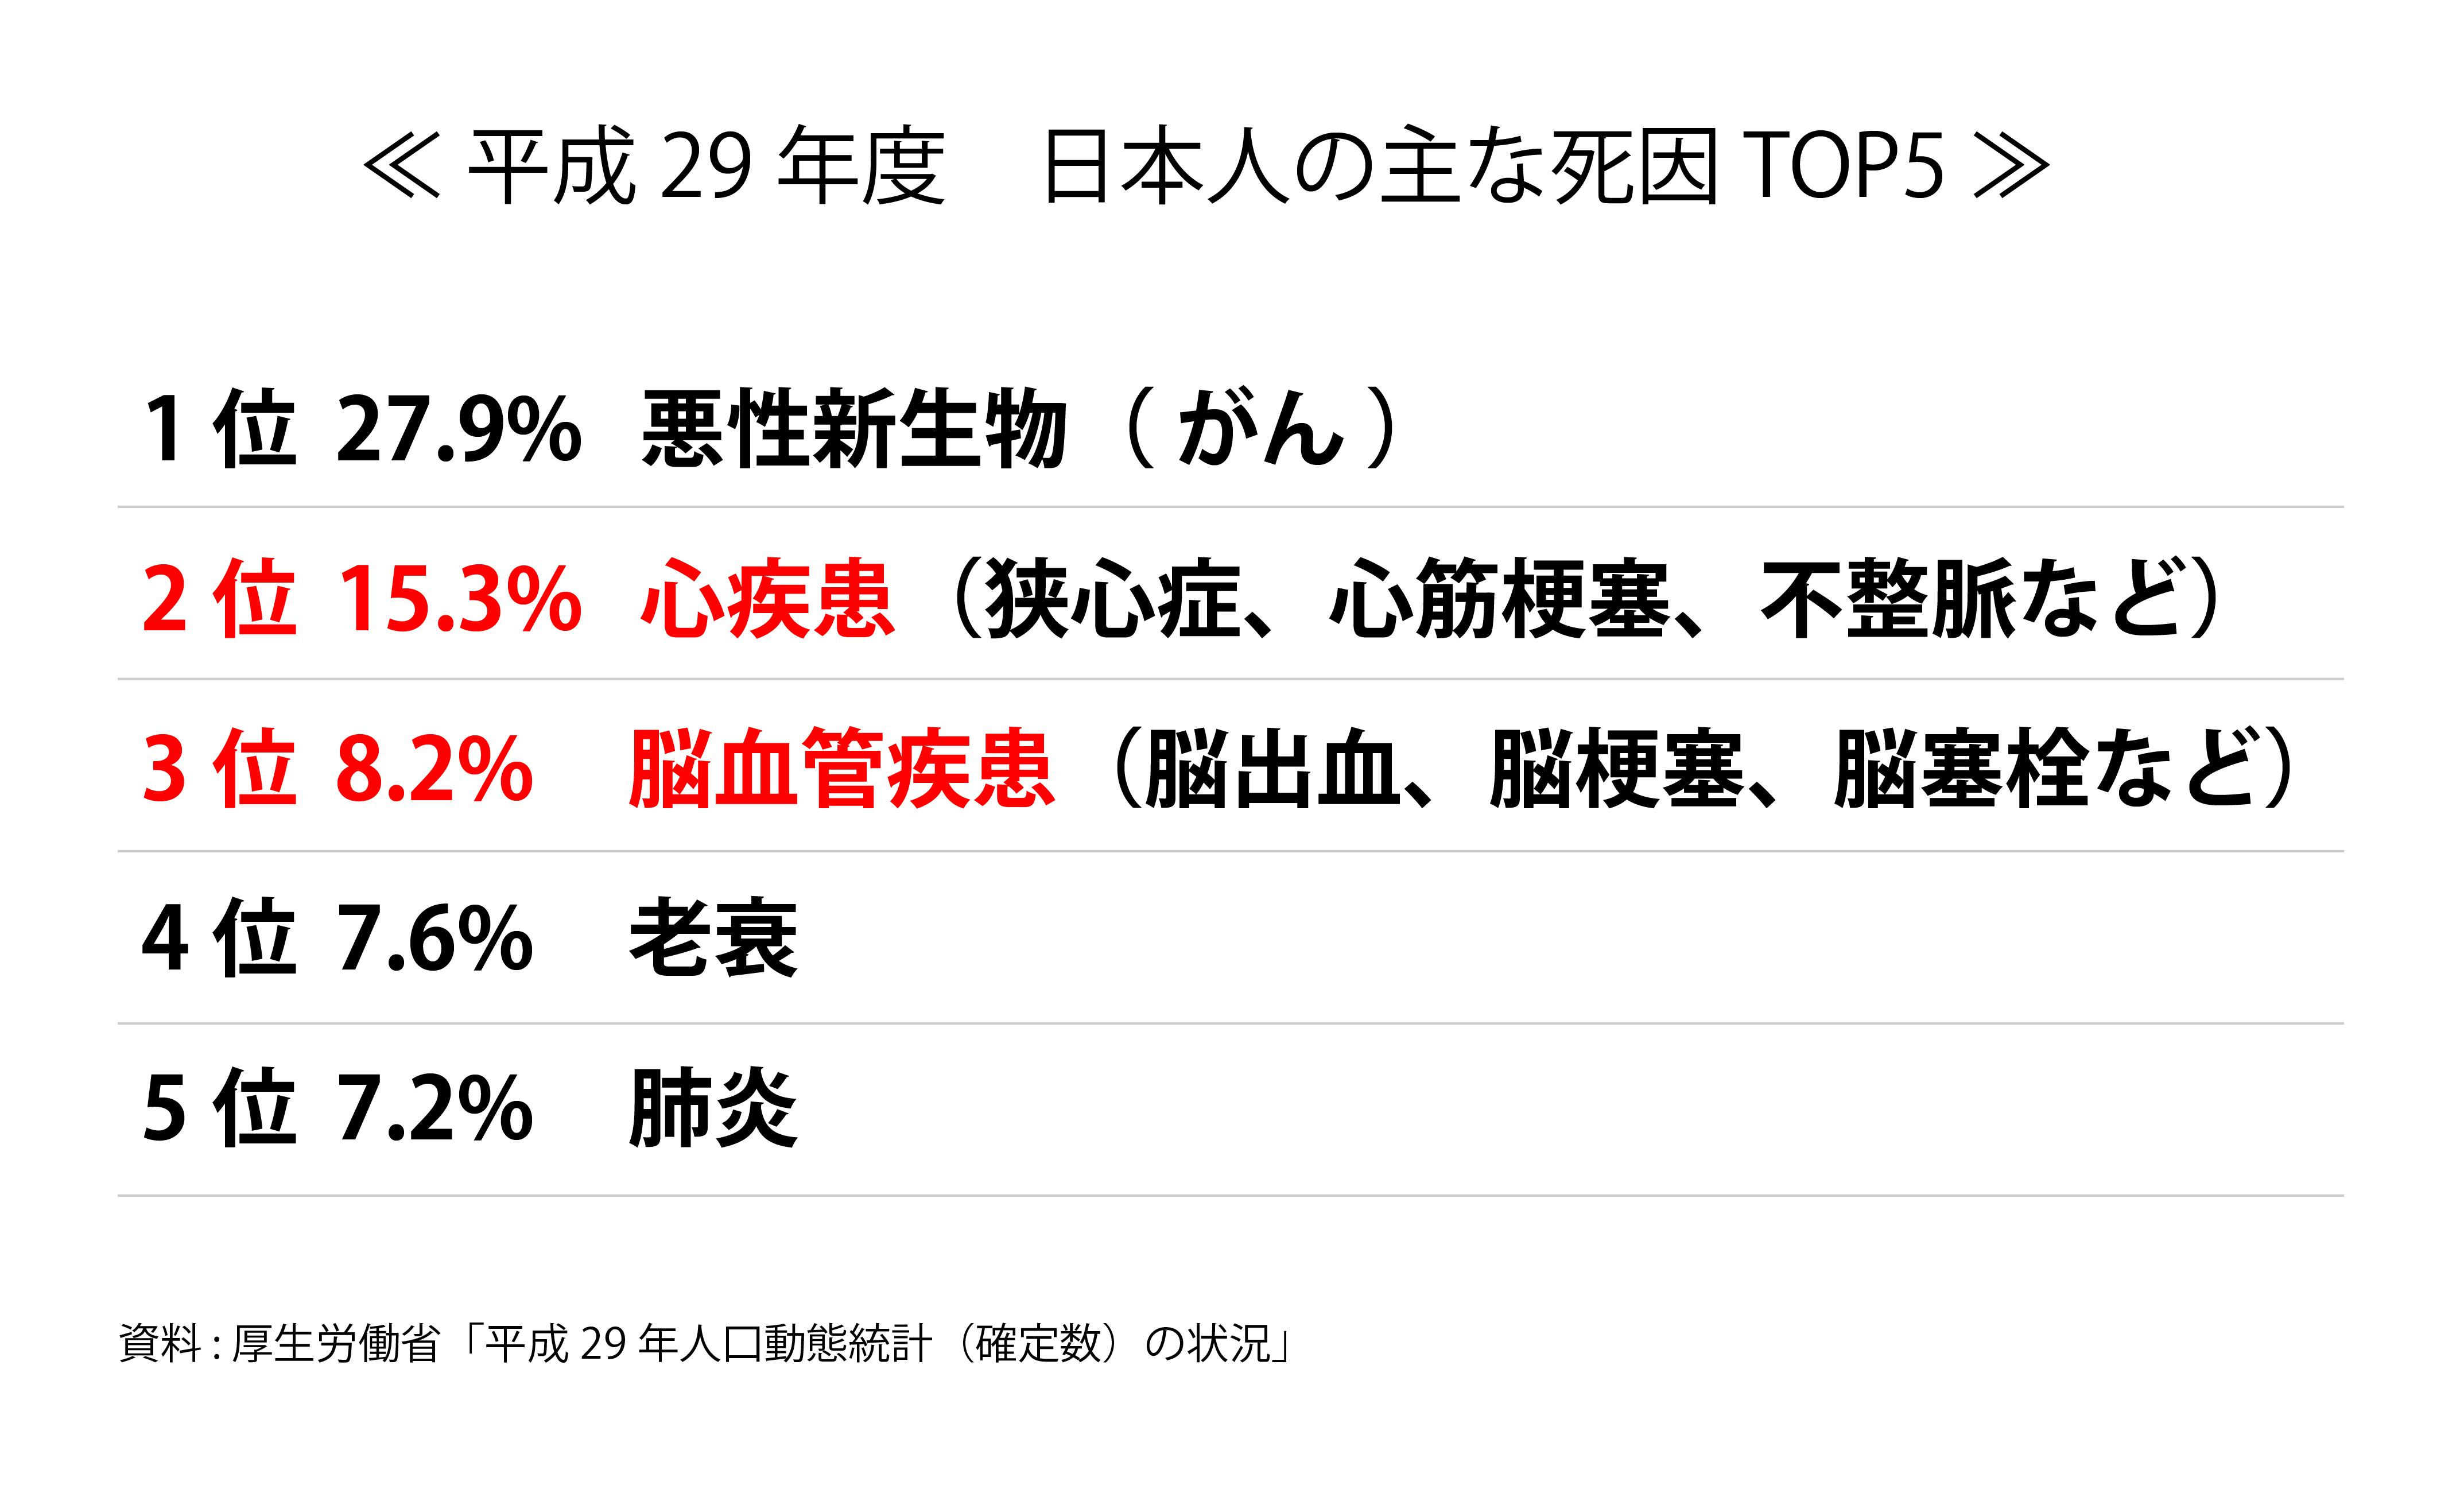 日本人の主な死因TOP5